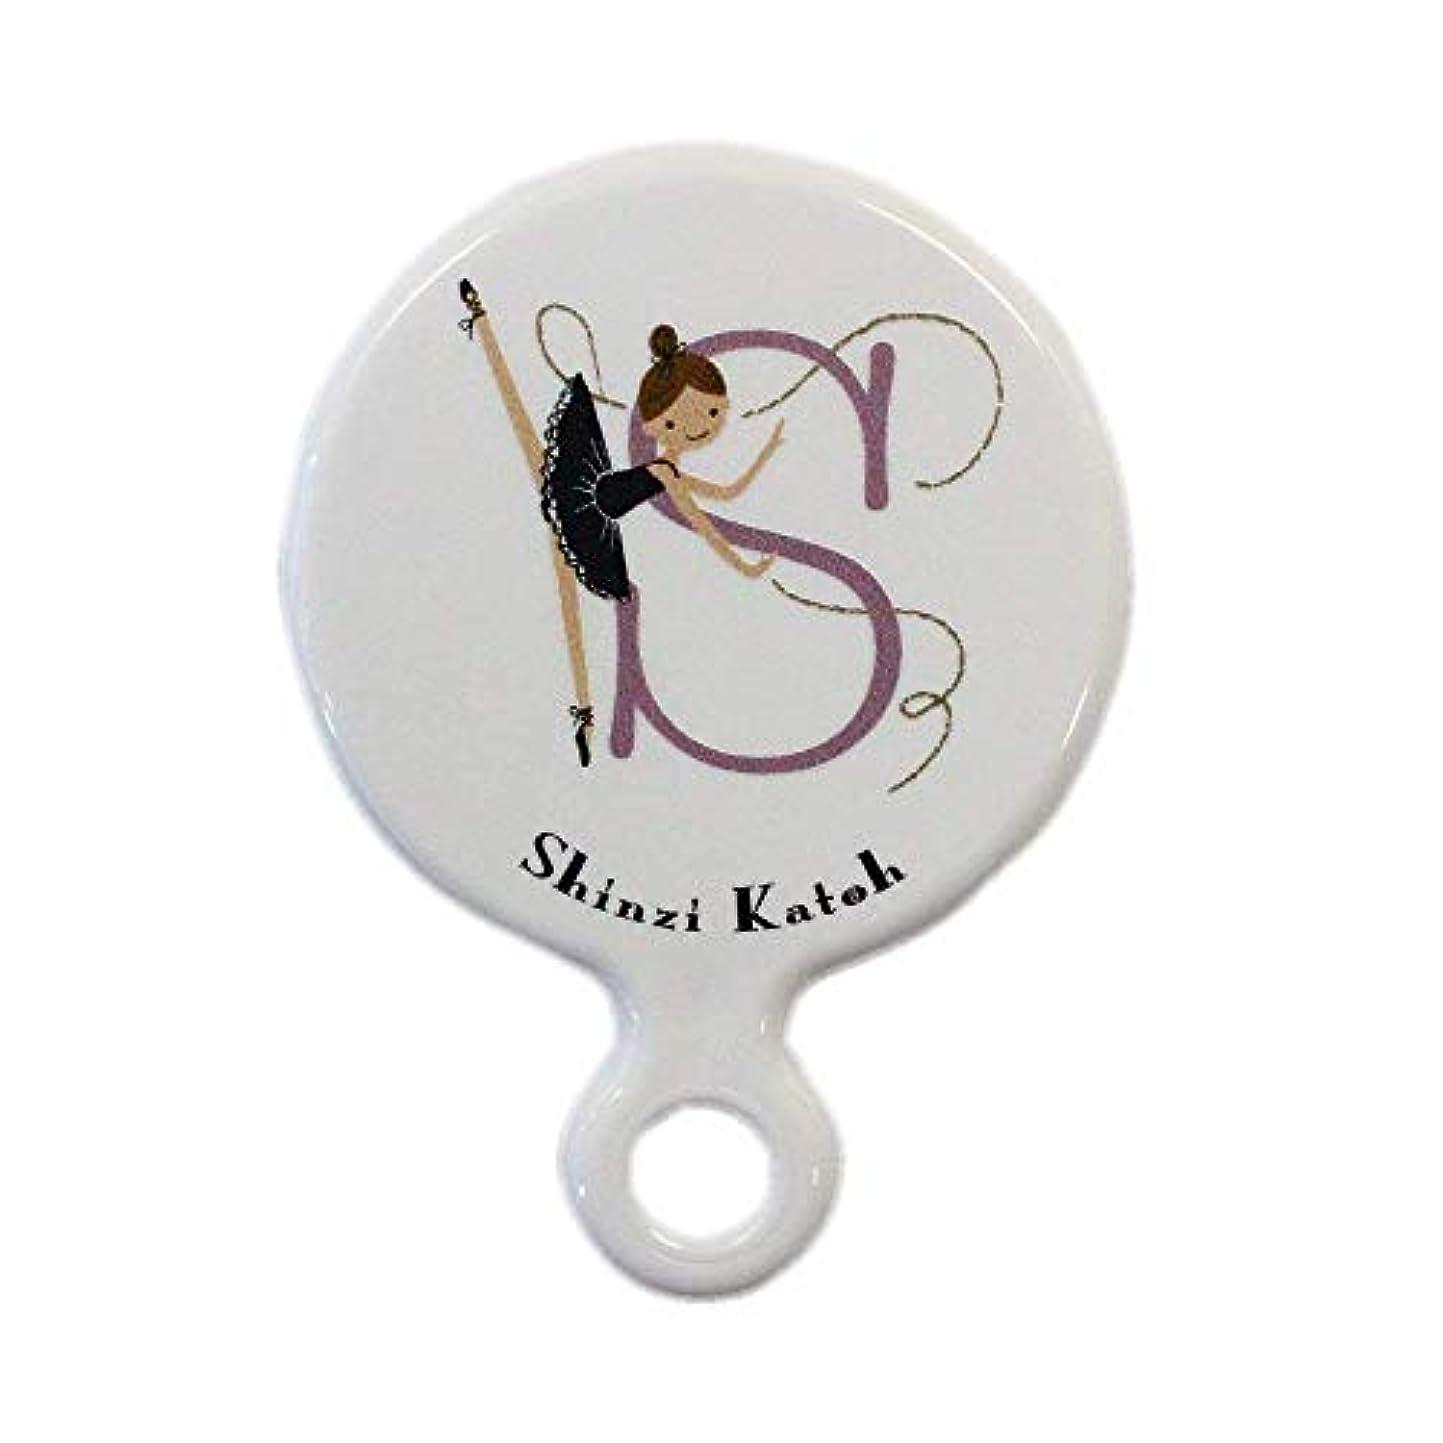 グラス手のひら廃棄するShinzi Katoh プチミラー(ballet S)PMR1010